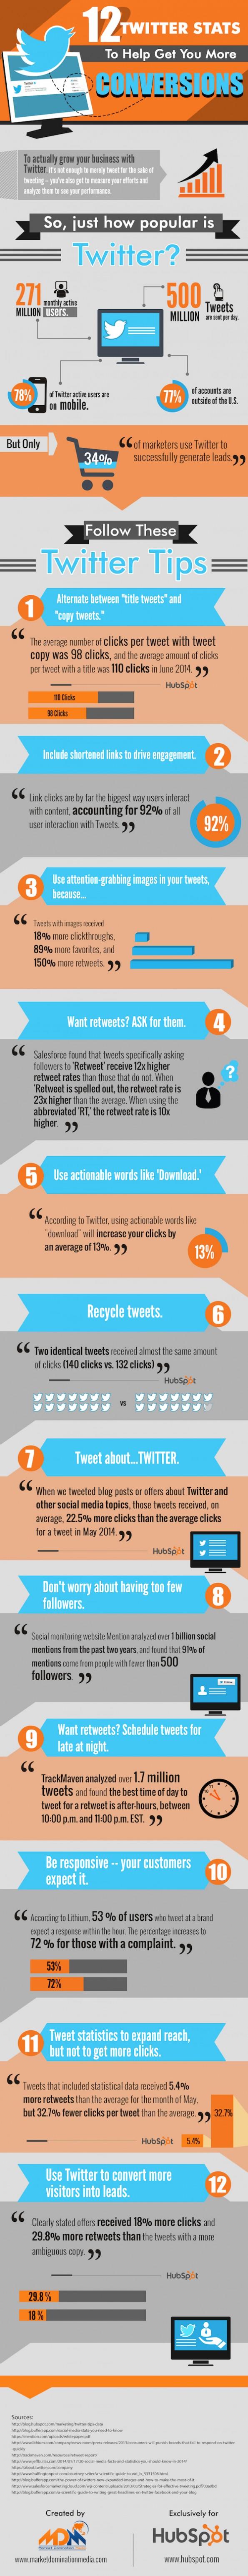 12 tips om zichtbaar te zijn op Twitter infographic